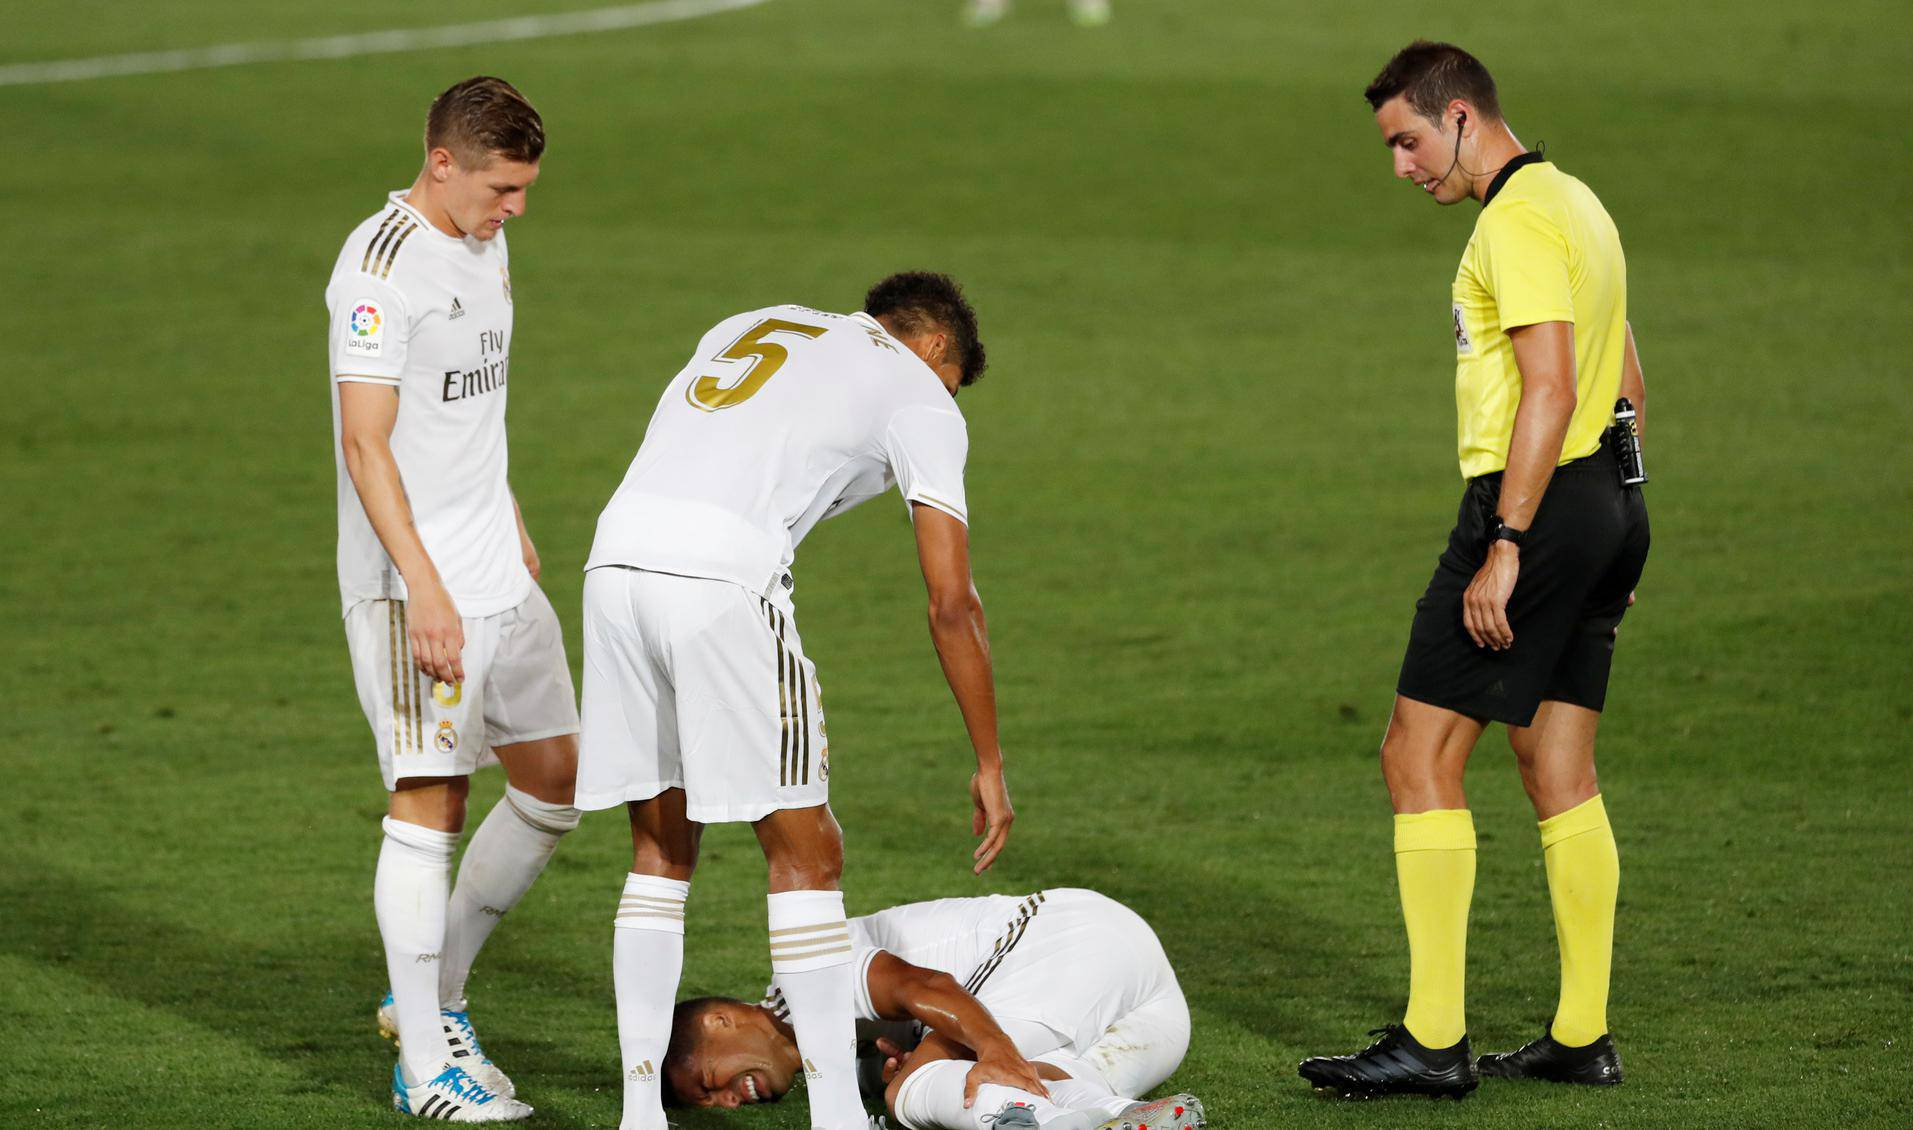 La Liga Santander - Real Madrid v Alaves